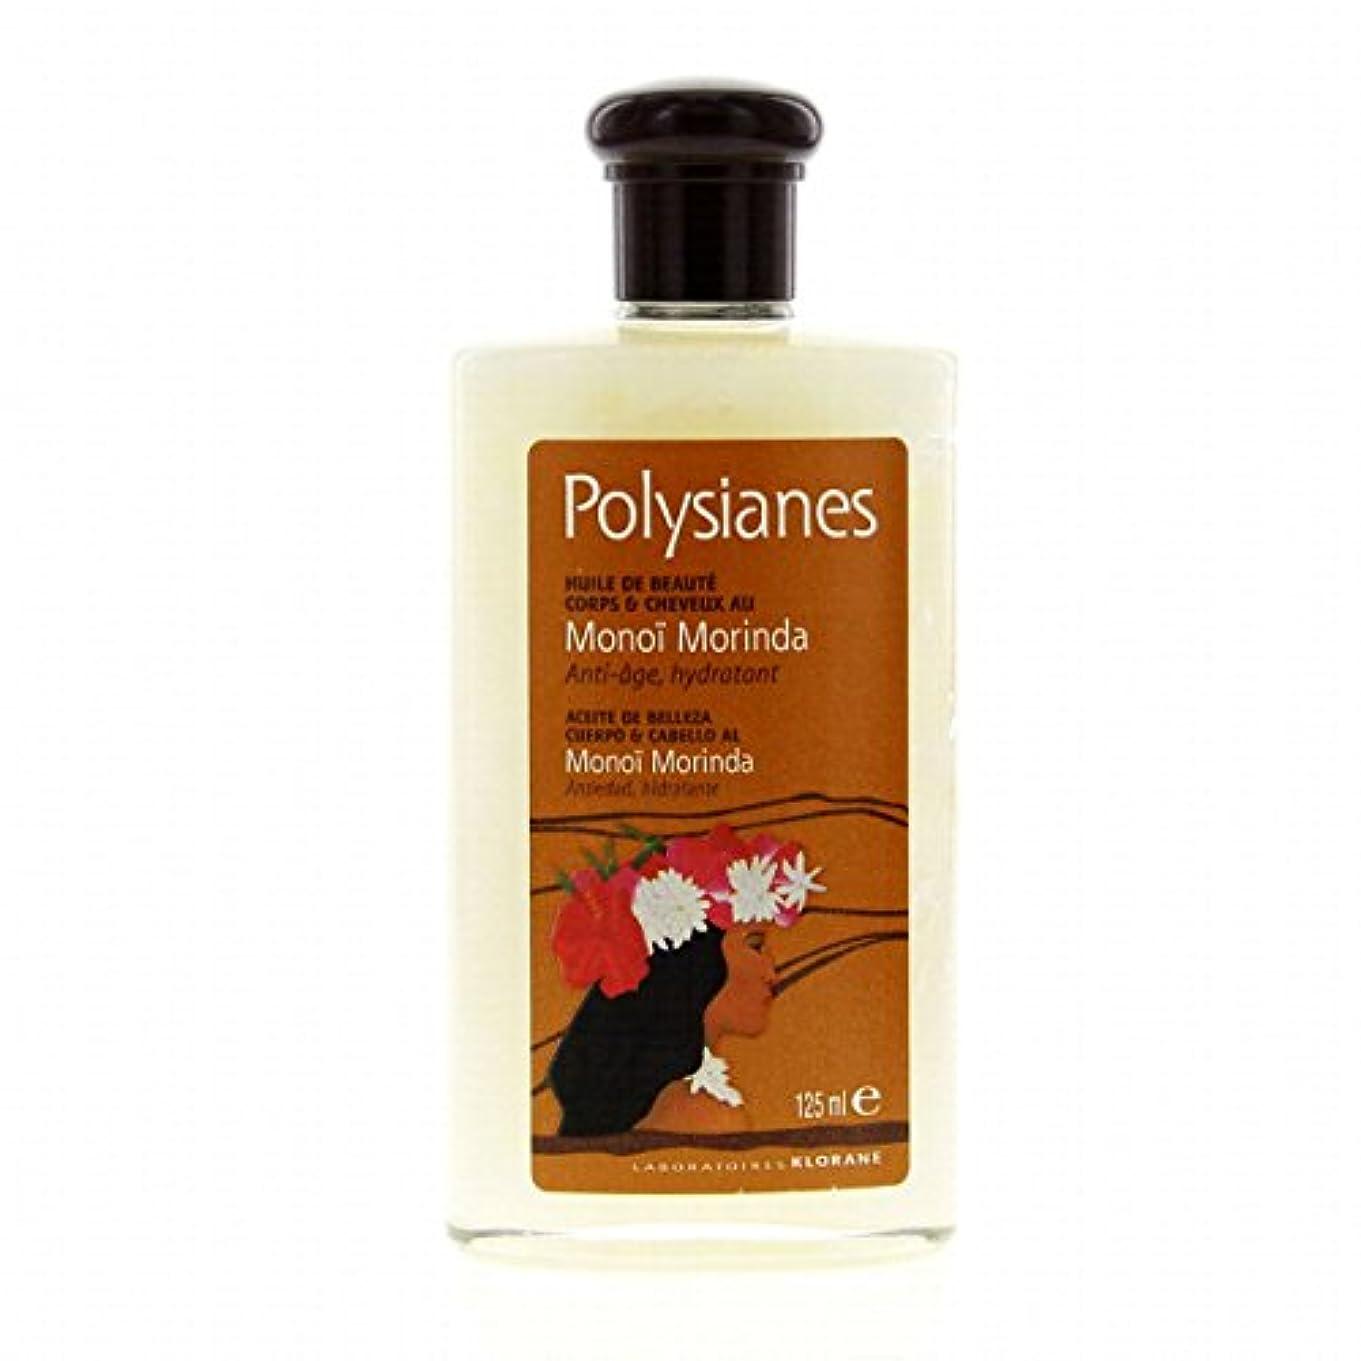 割り込み差し引く尊厳Polysianes Beauty Oil With Morinda Mono Body And Hair 125ml [並行輸入品]